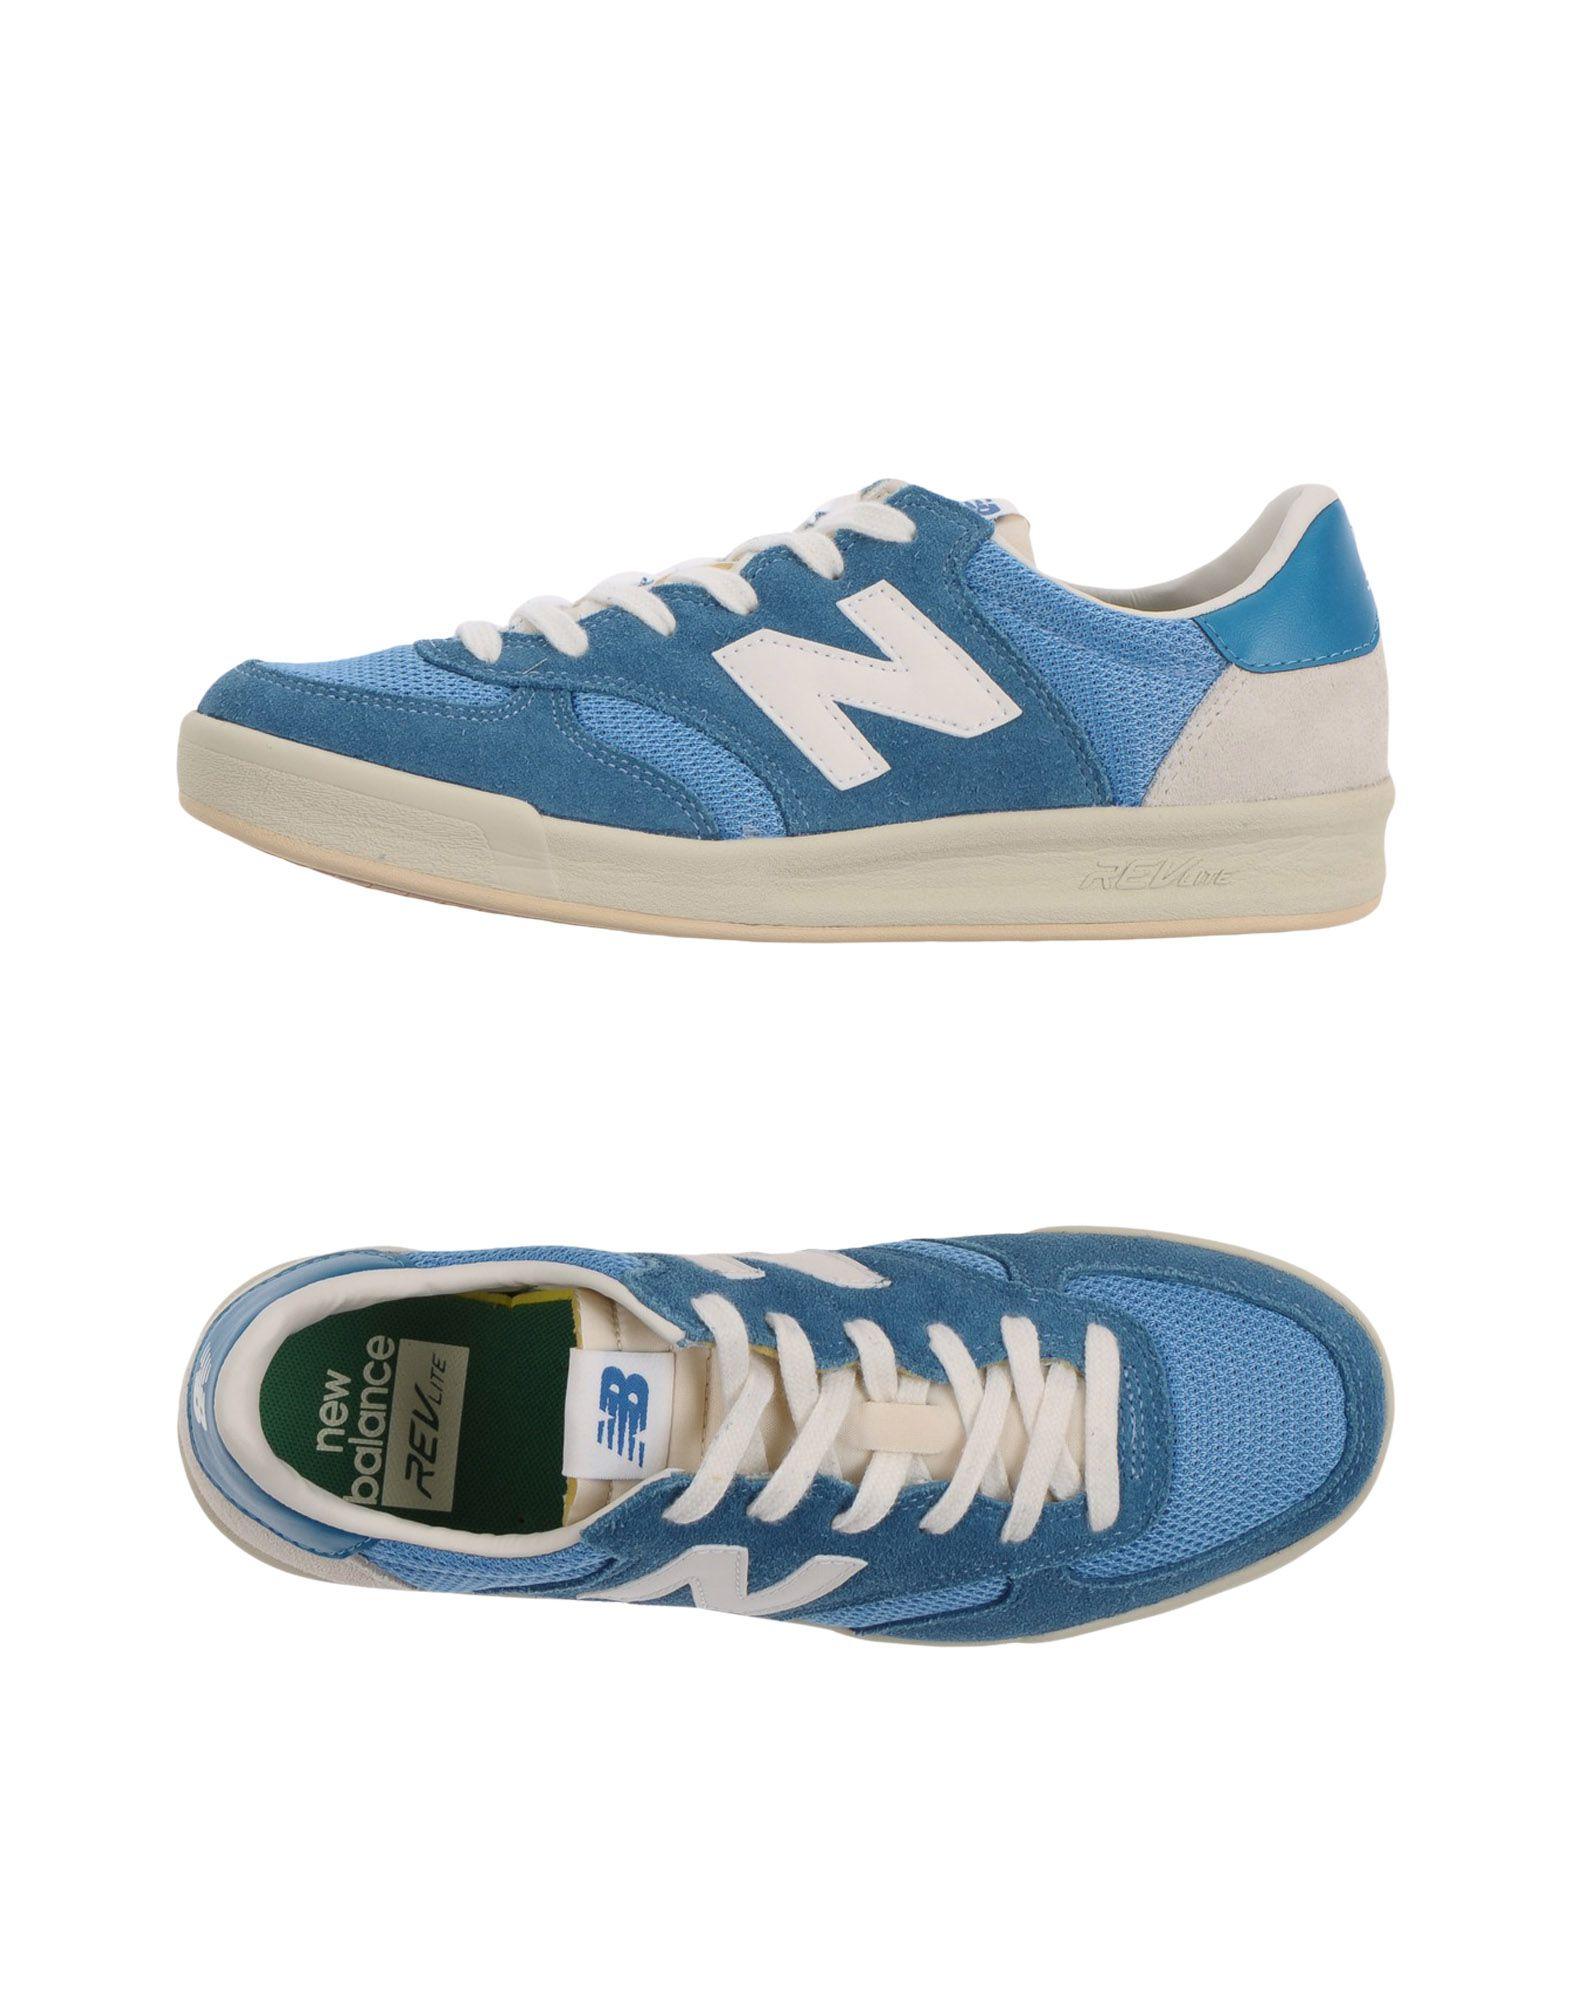 New Balance Sneakers Herren  11359824DM Neue Schuhe